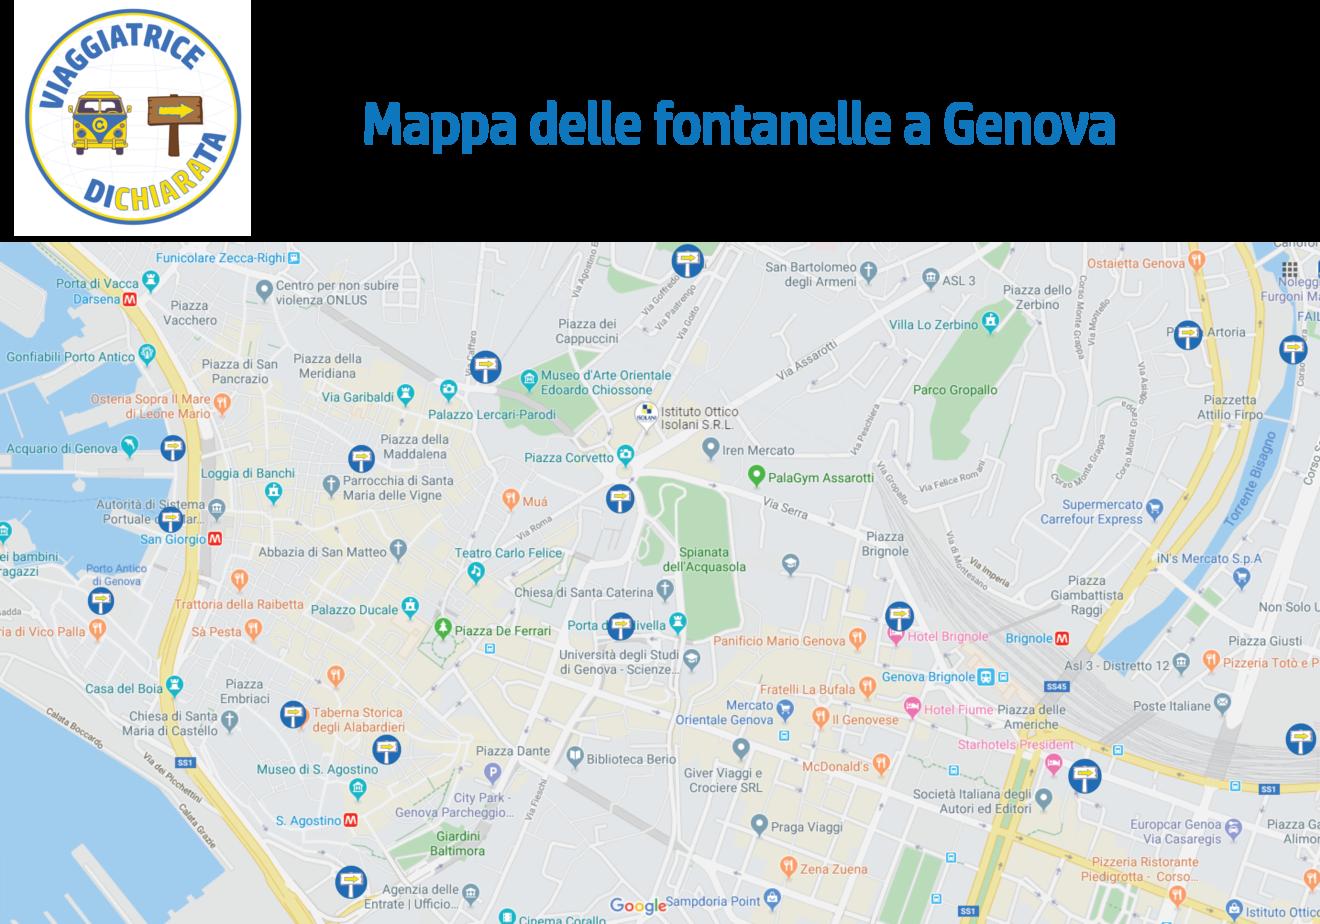 Mappa delle fontanelle a Genova